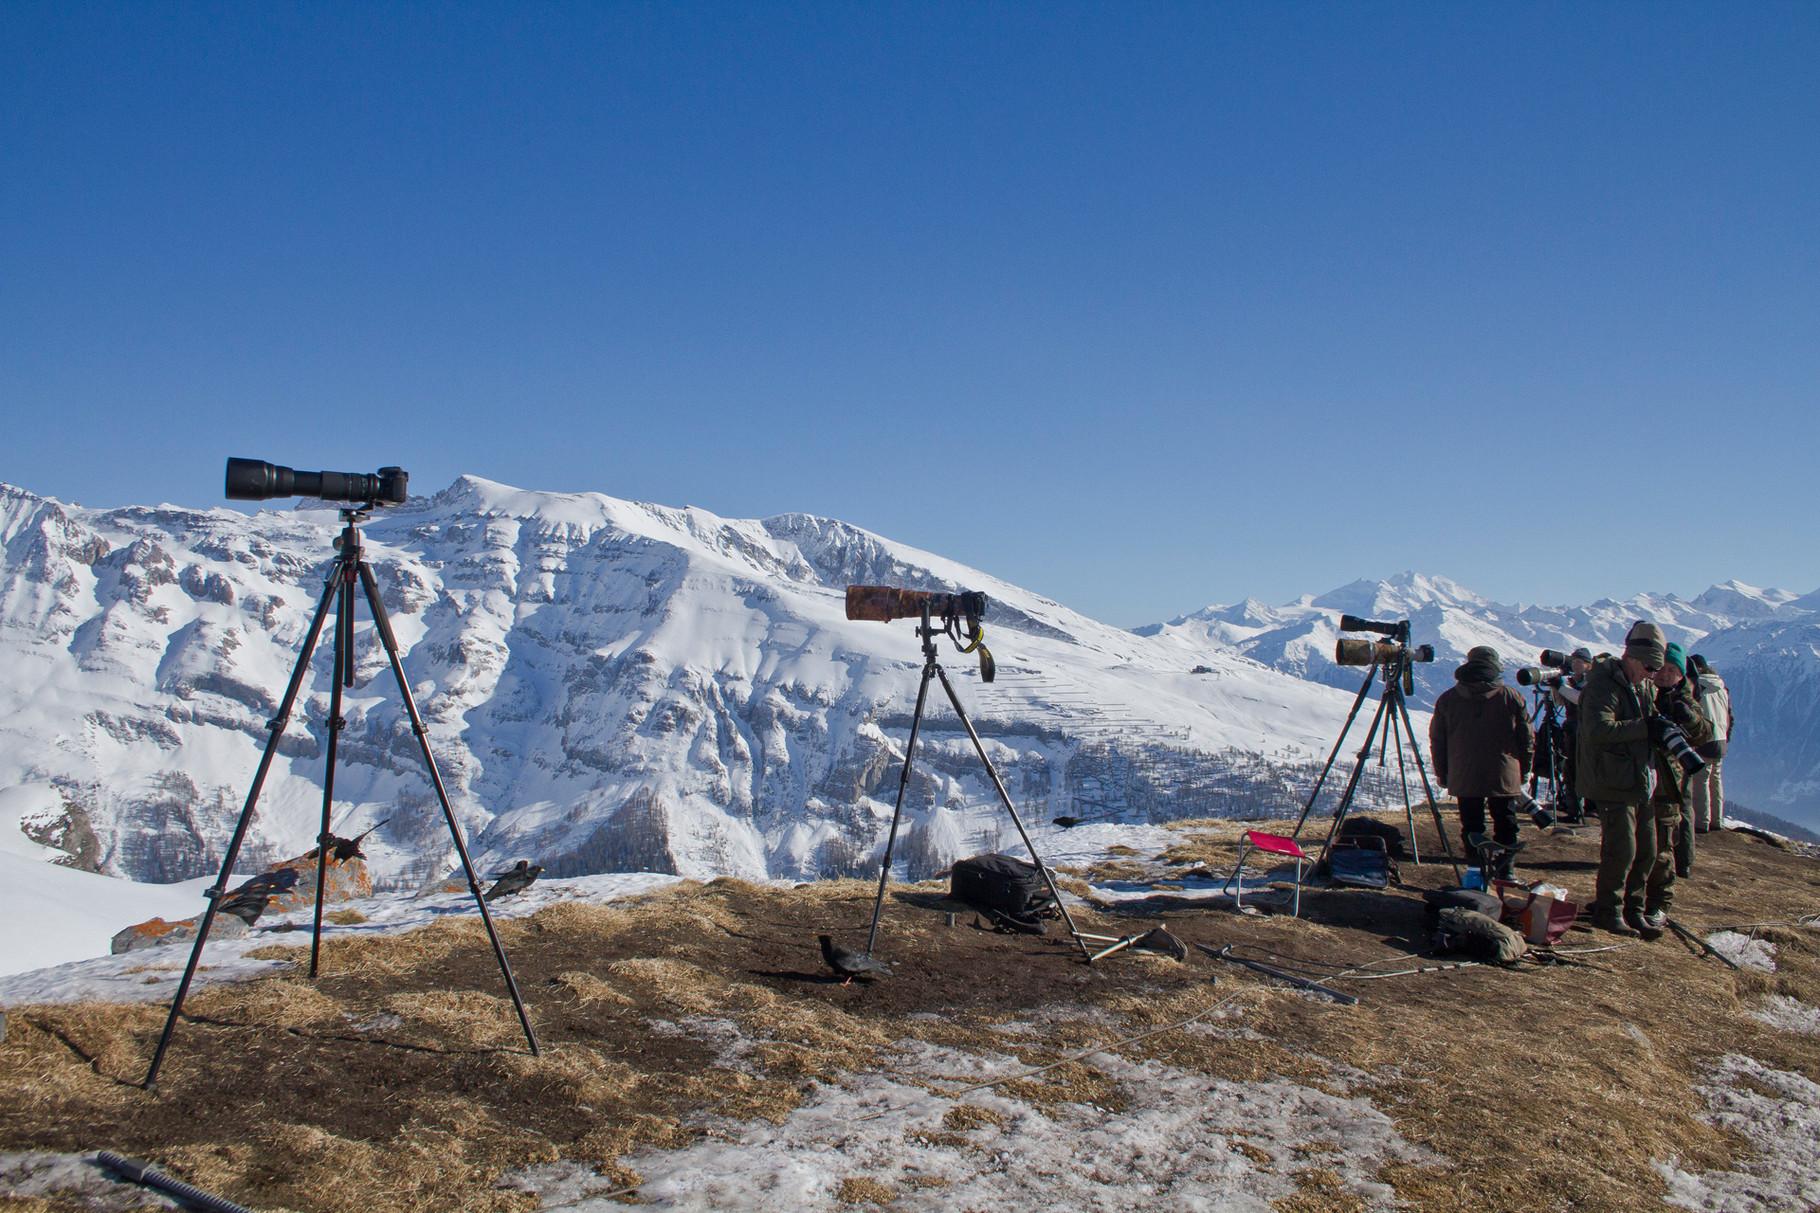 Auf dem Grat bei der Seilbahnstation sind immer viele Fotografen und Beobachter anwesend...